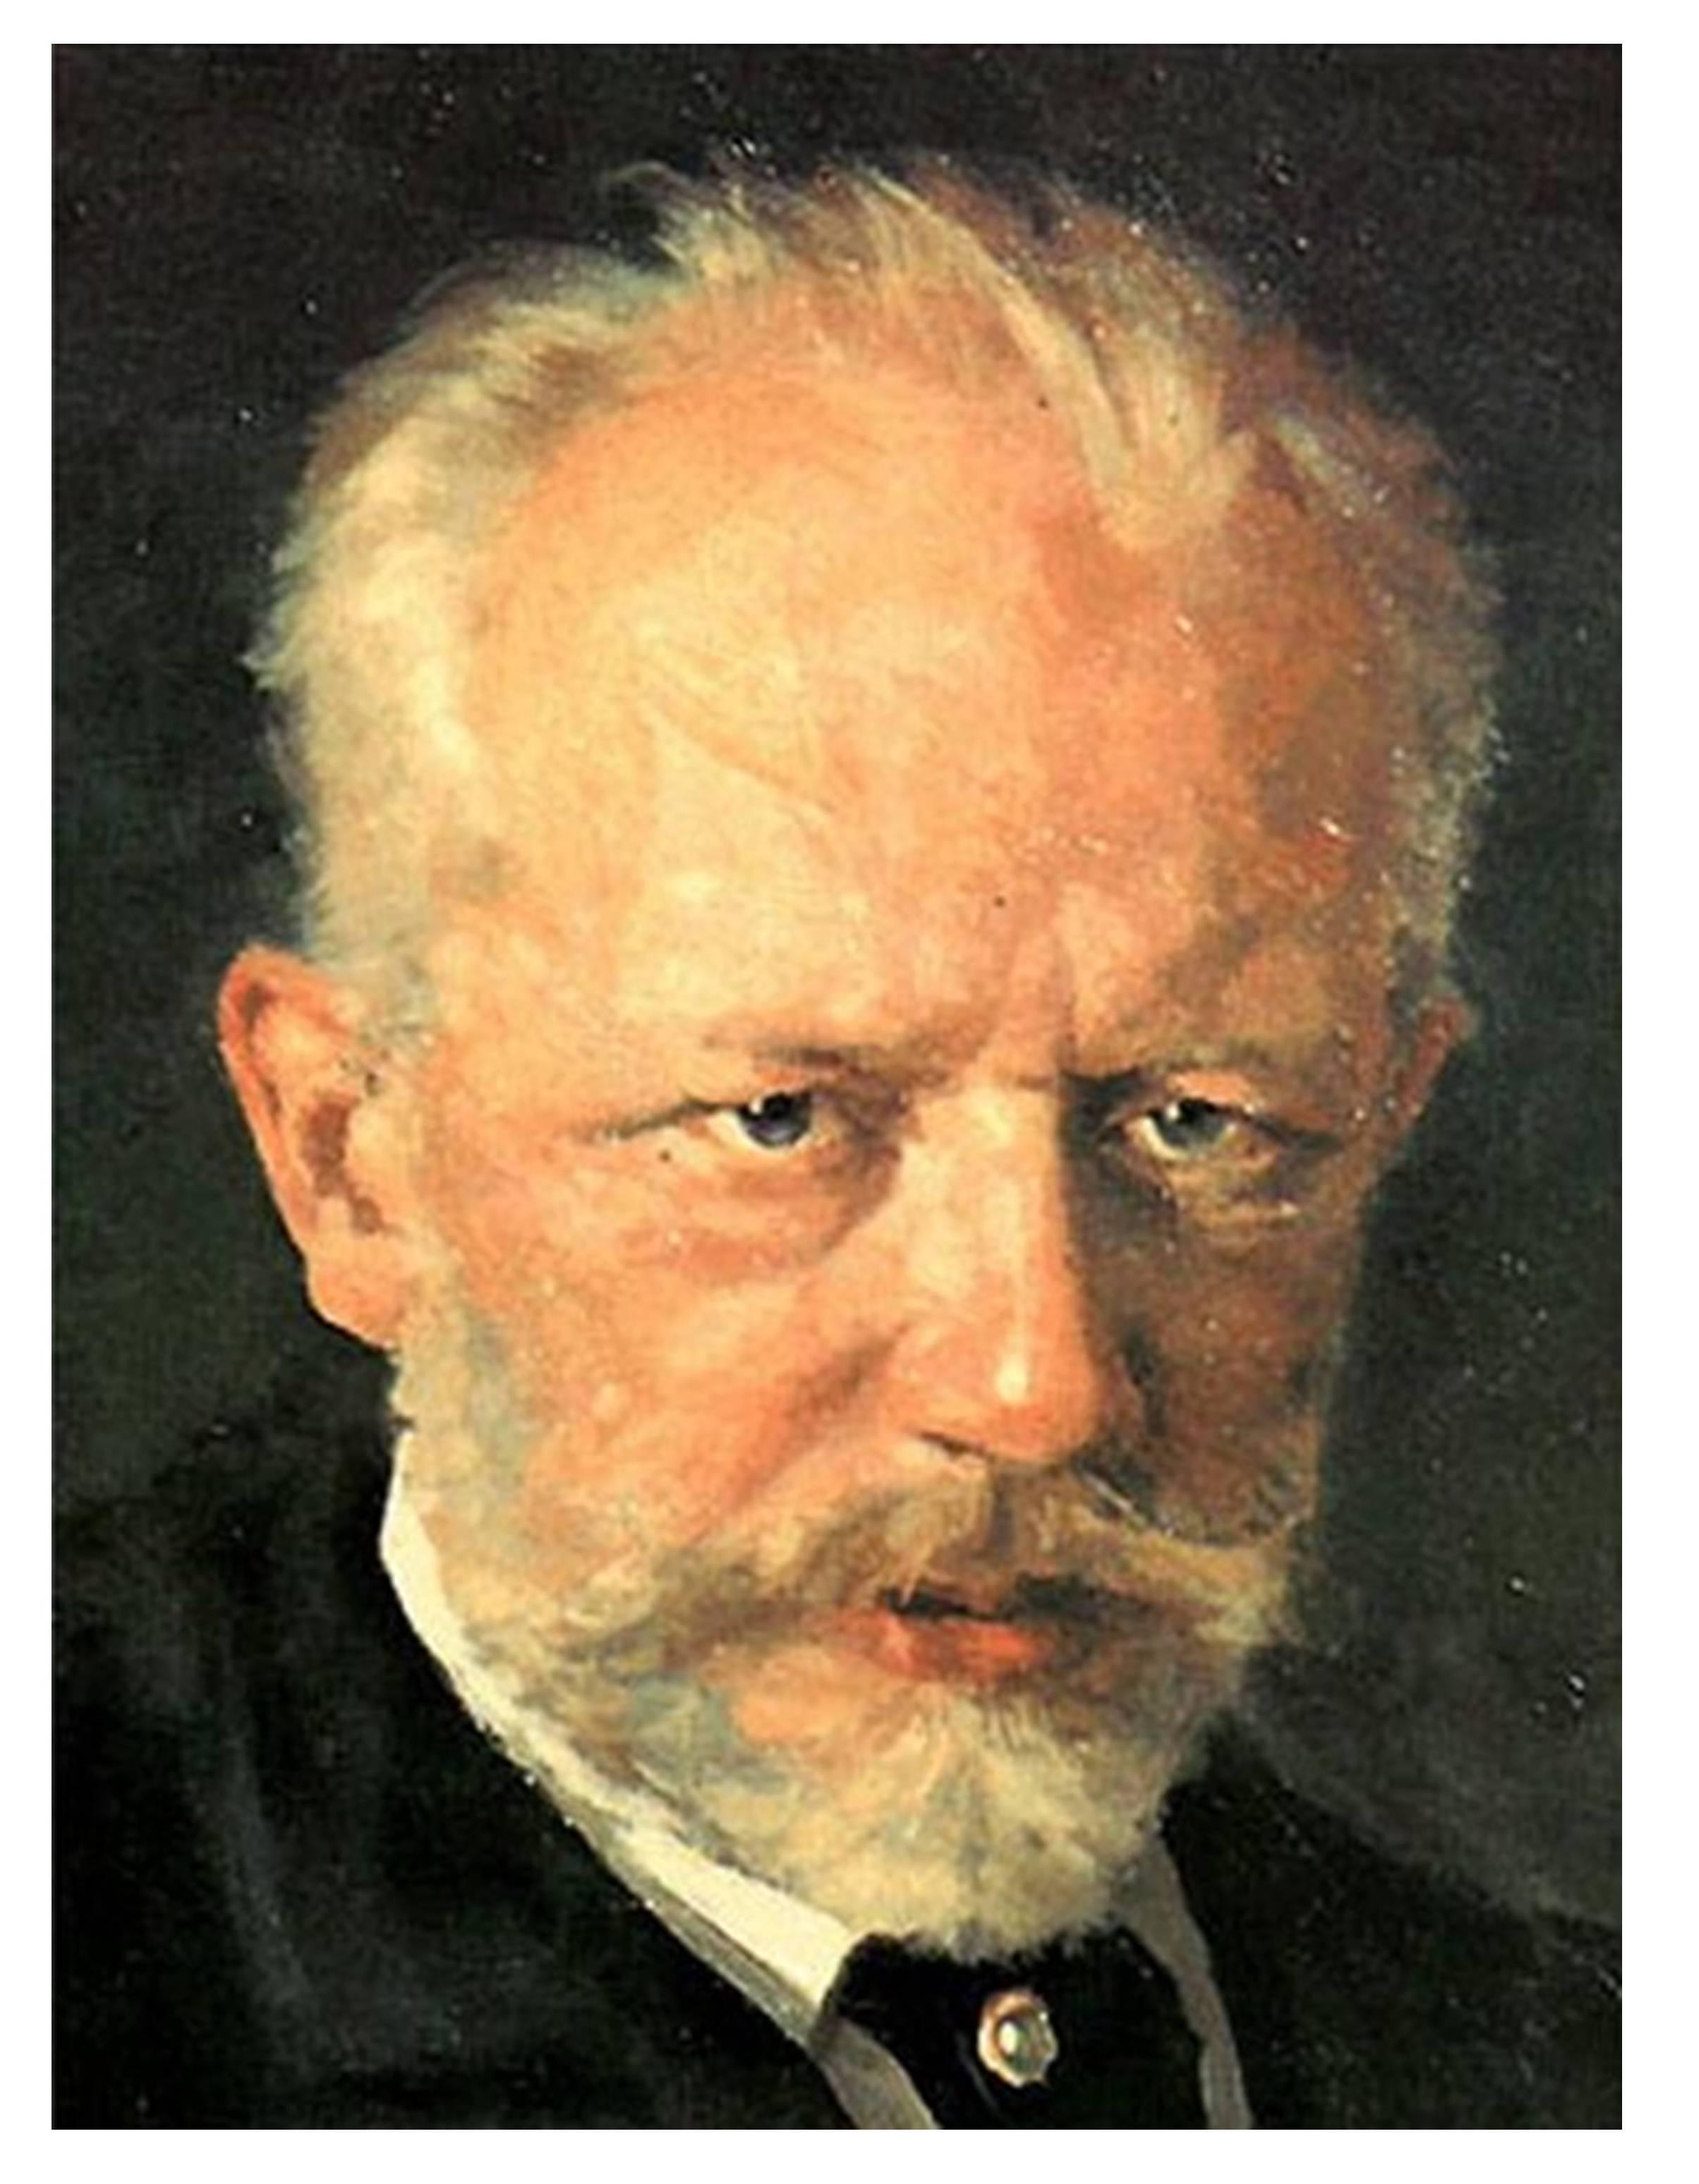 Pyotr Ilyich Tchaikovsky | 1840-1893